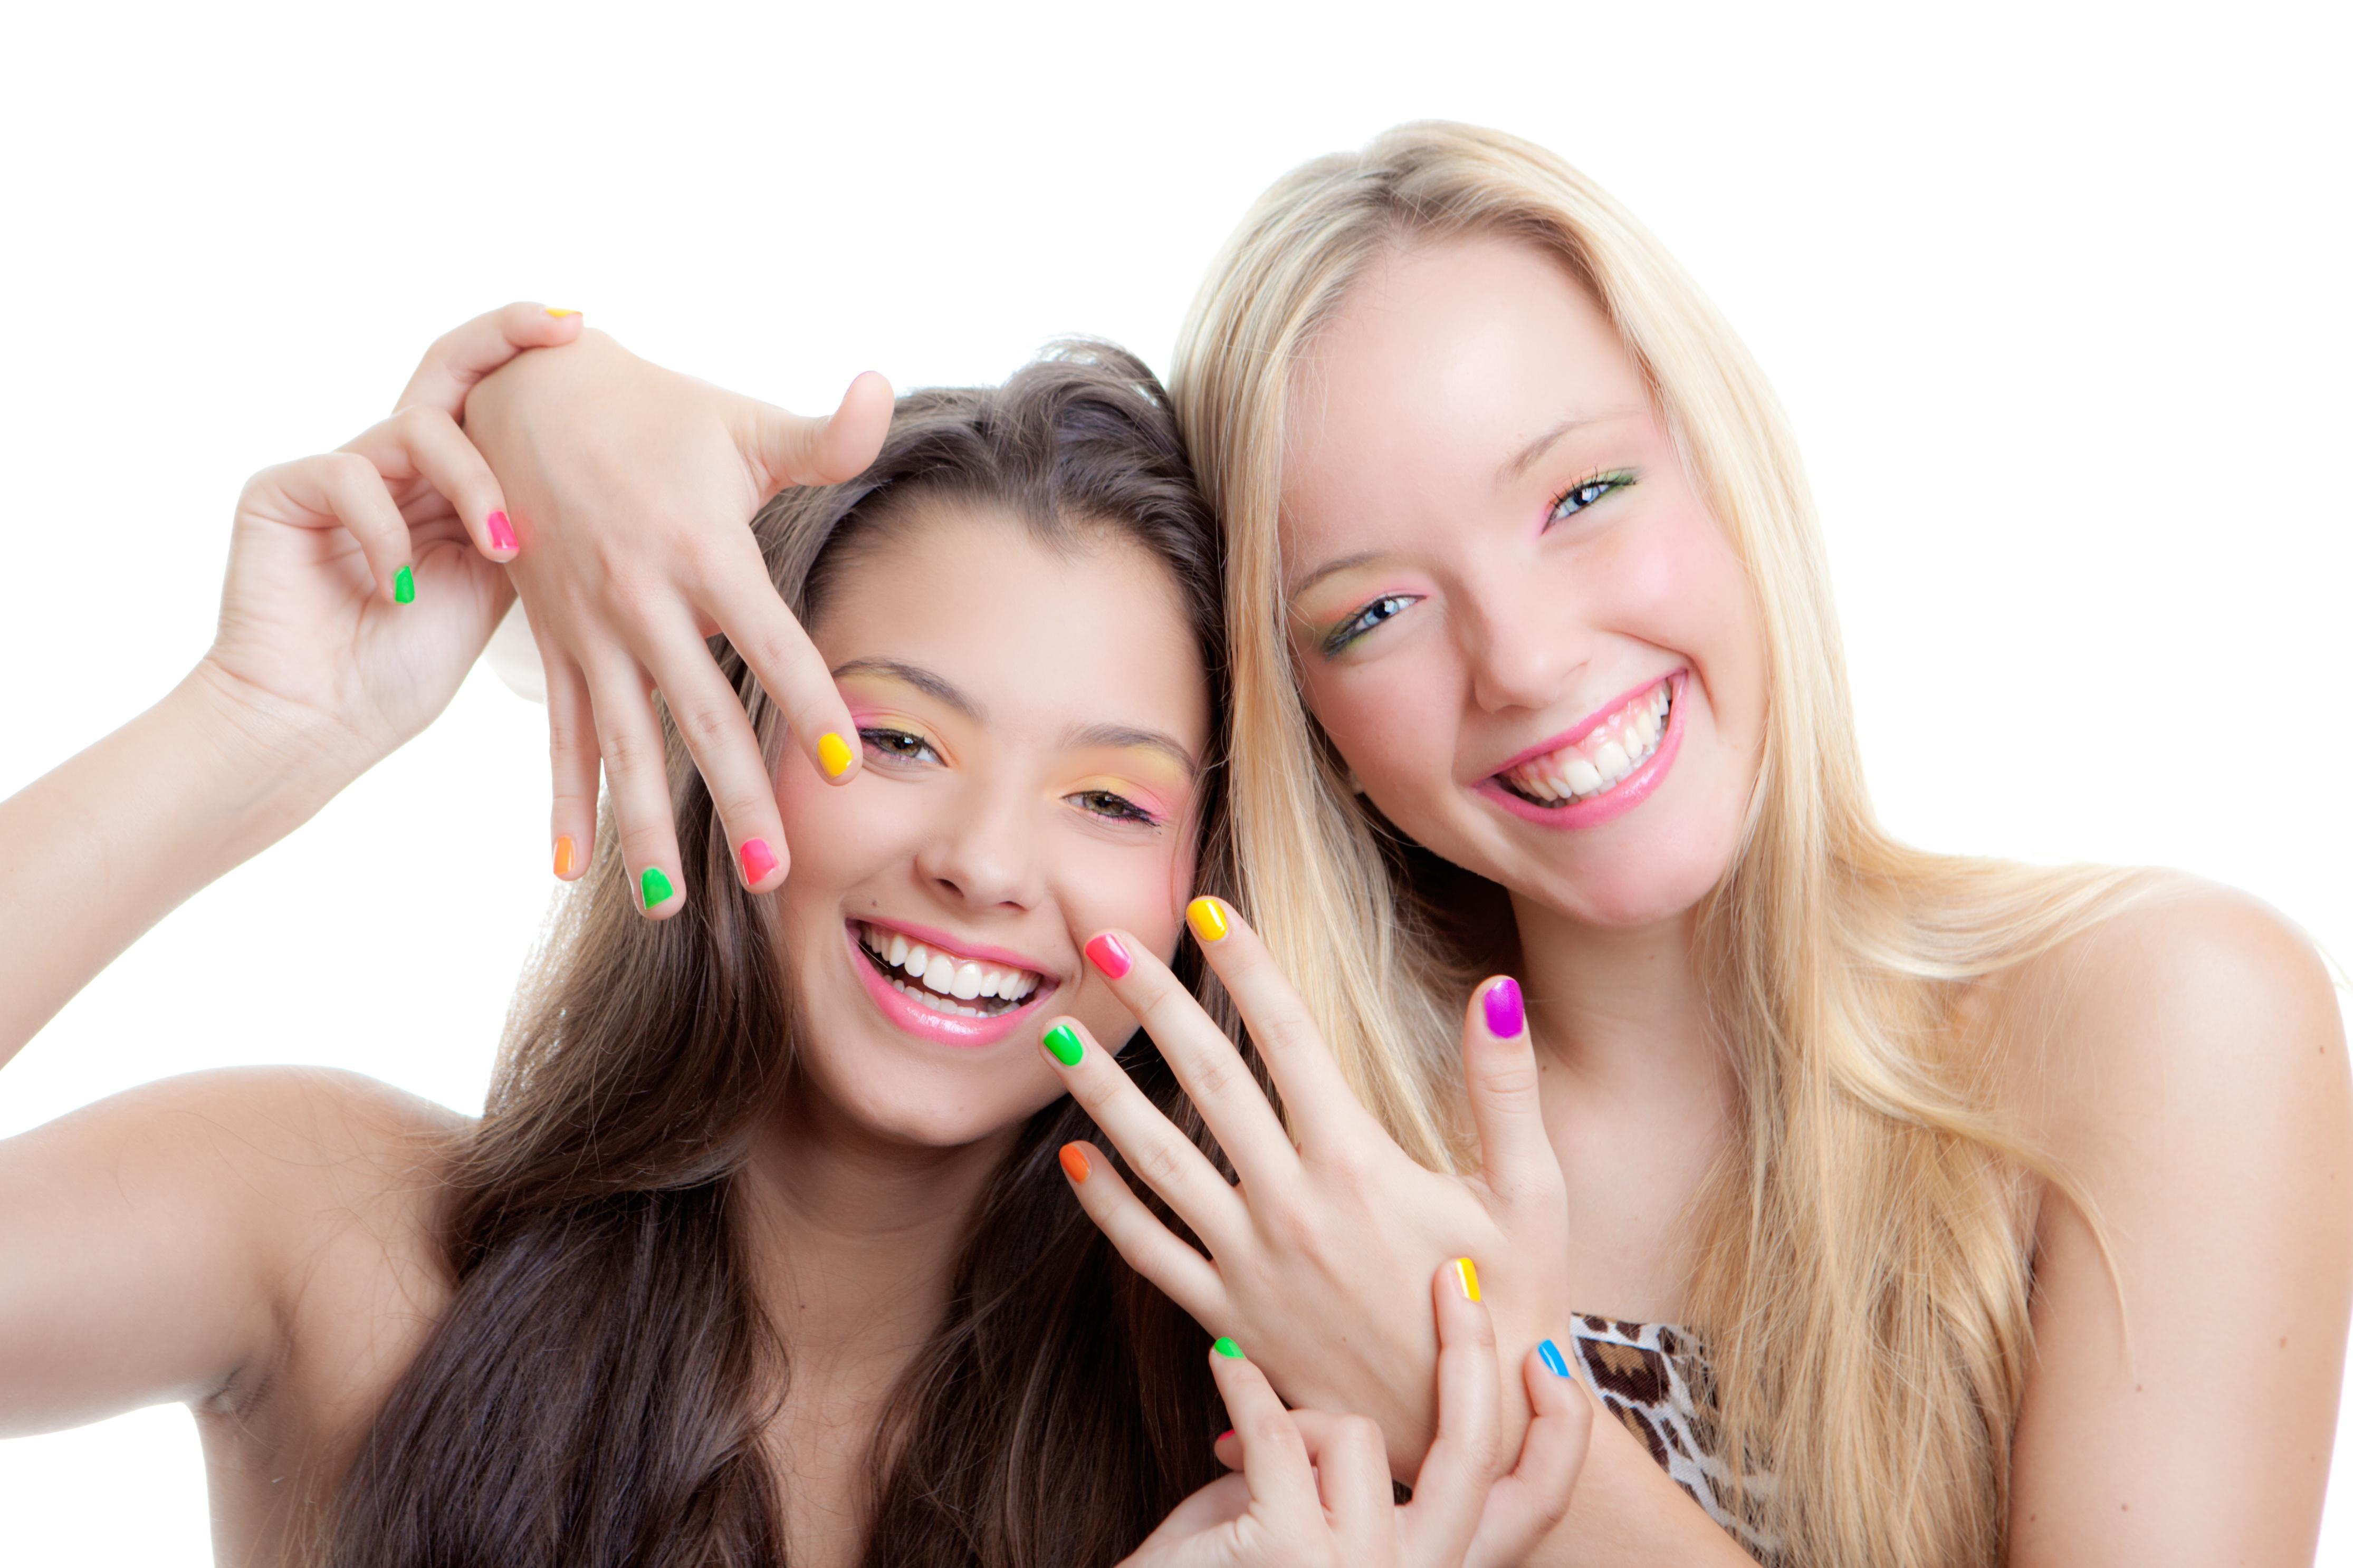 Салонные процедуры красоты для девушек от 15 лет - что можно?